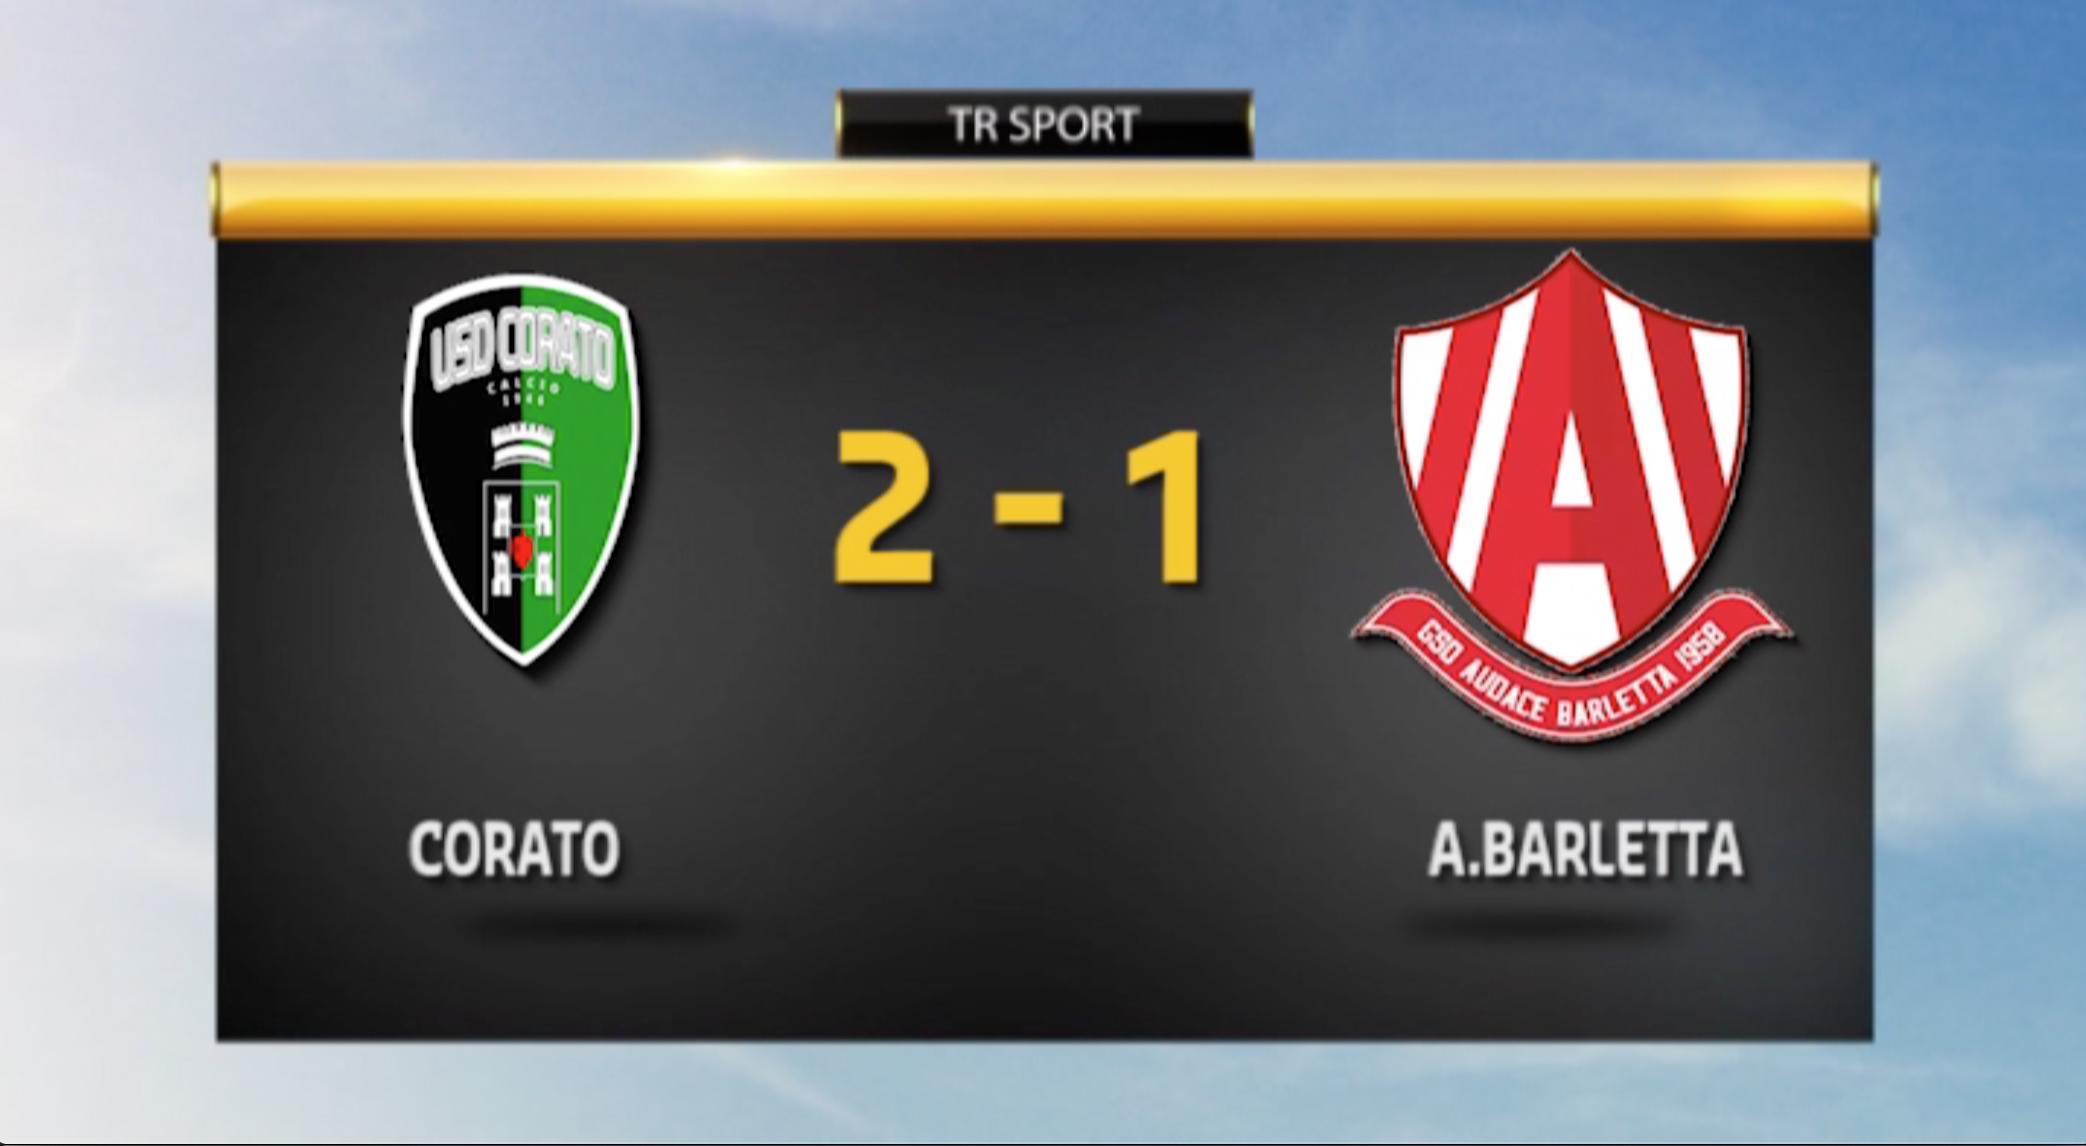 Corato - A. Barletta 2-1